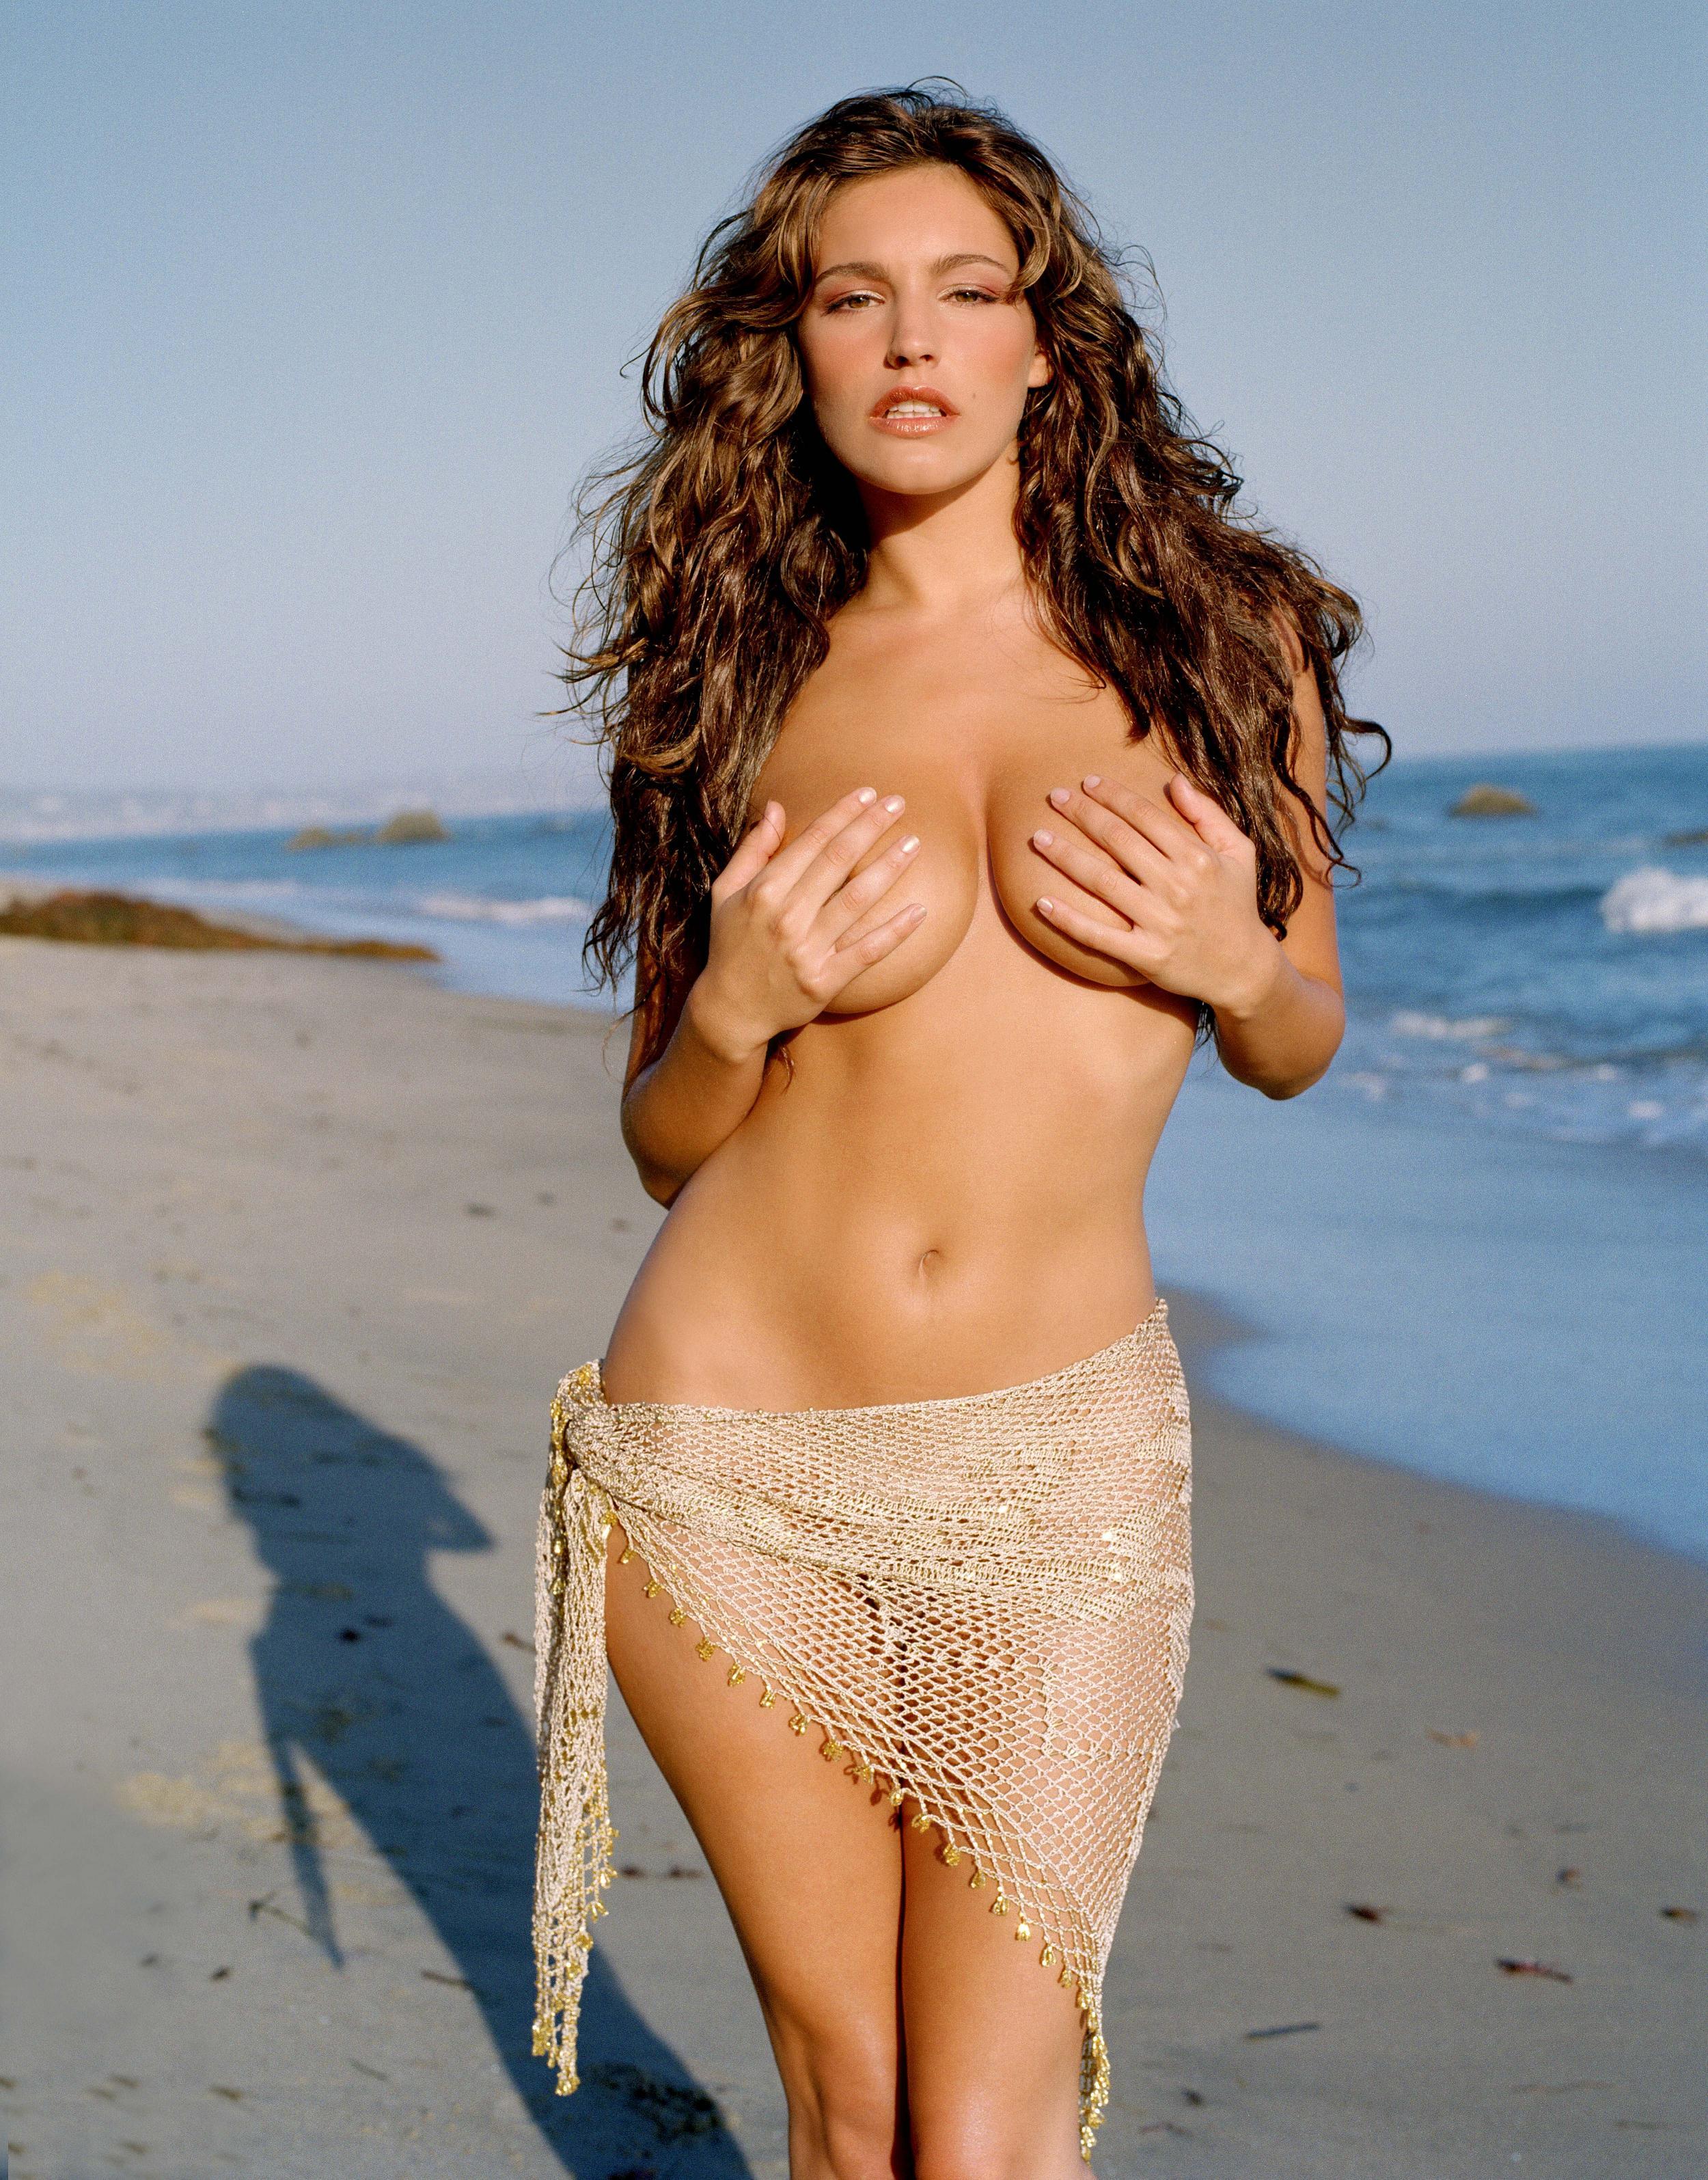 Самые сексуальные девушки мира голышок 20 фотография